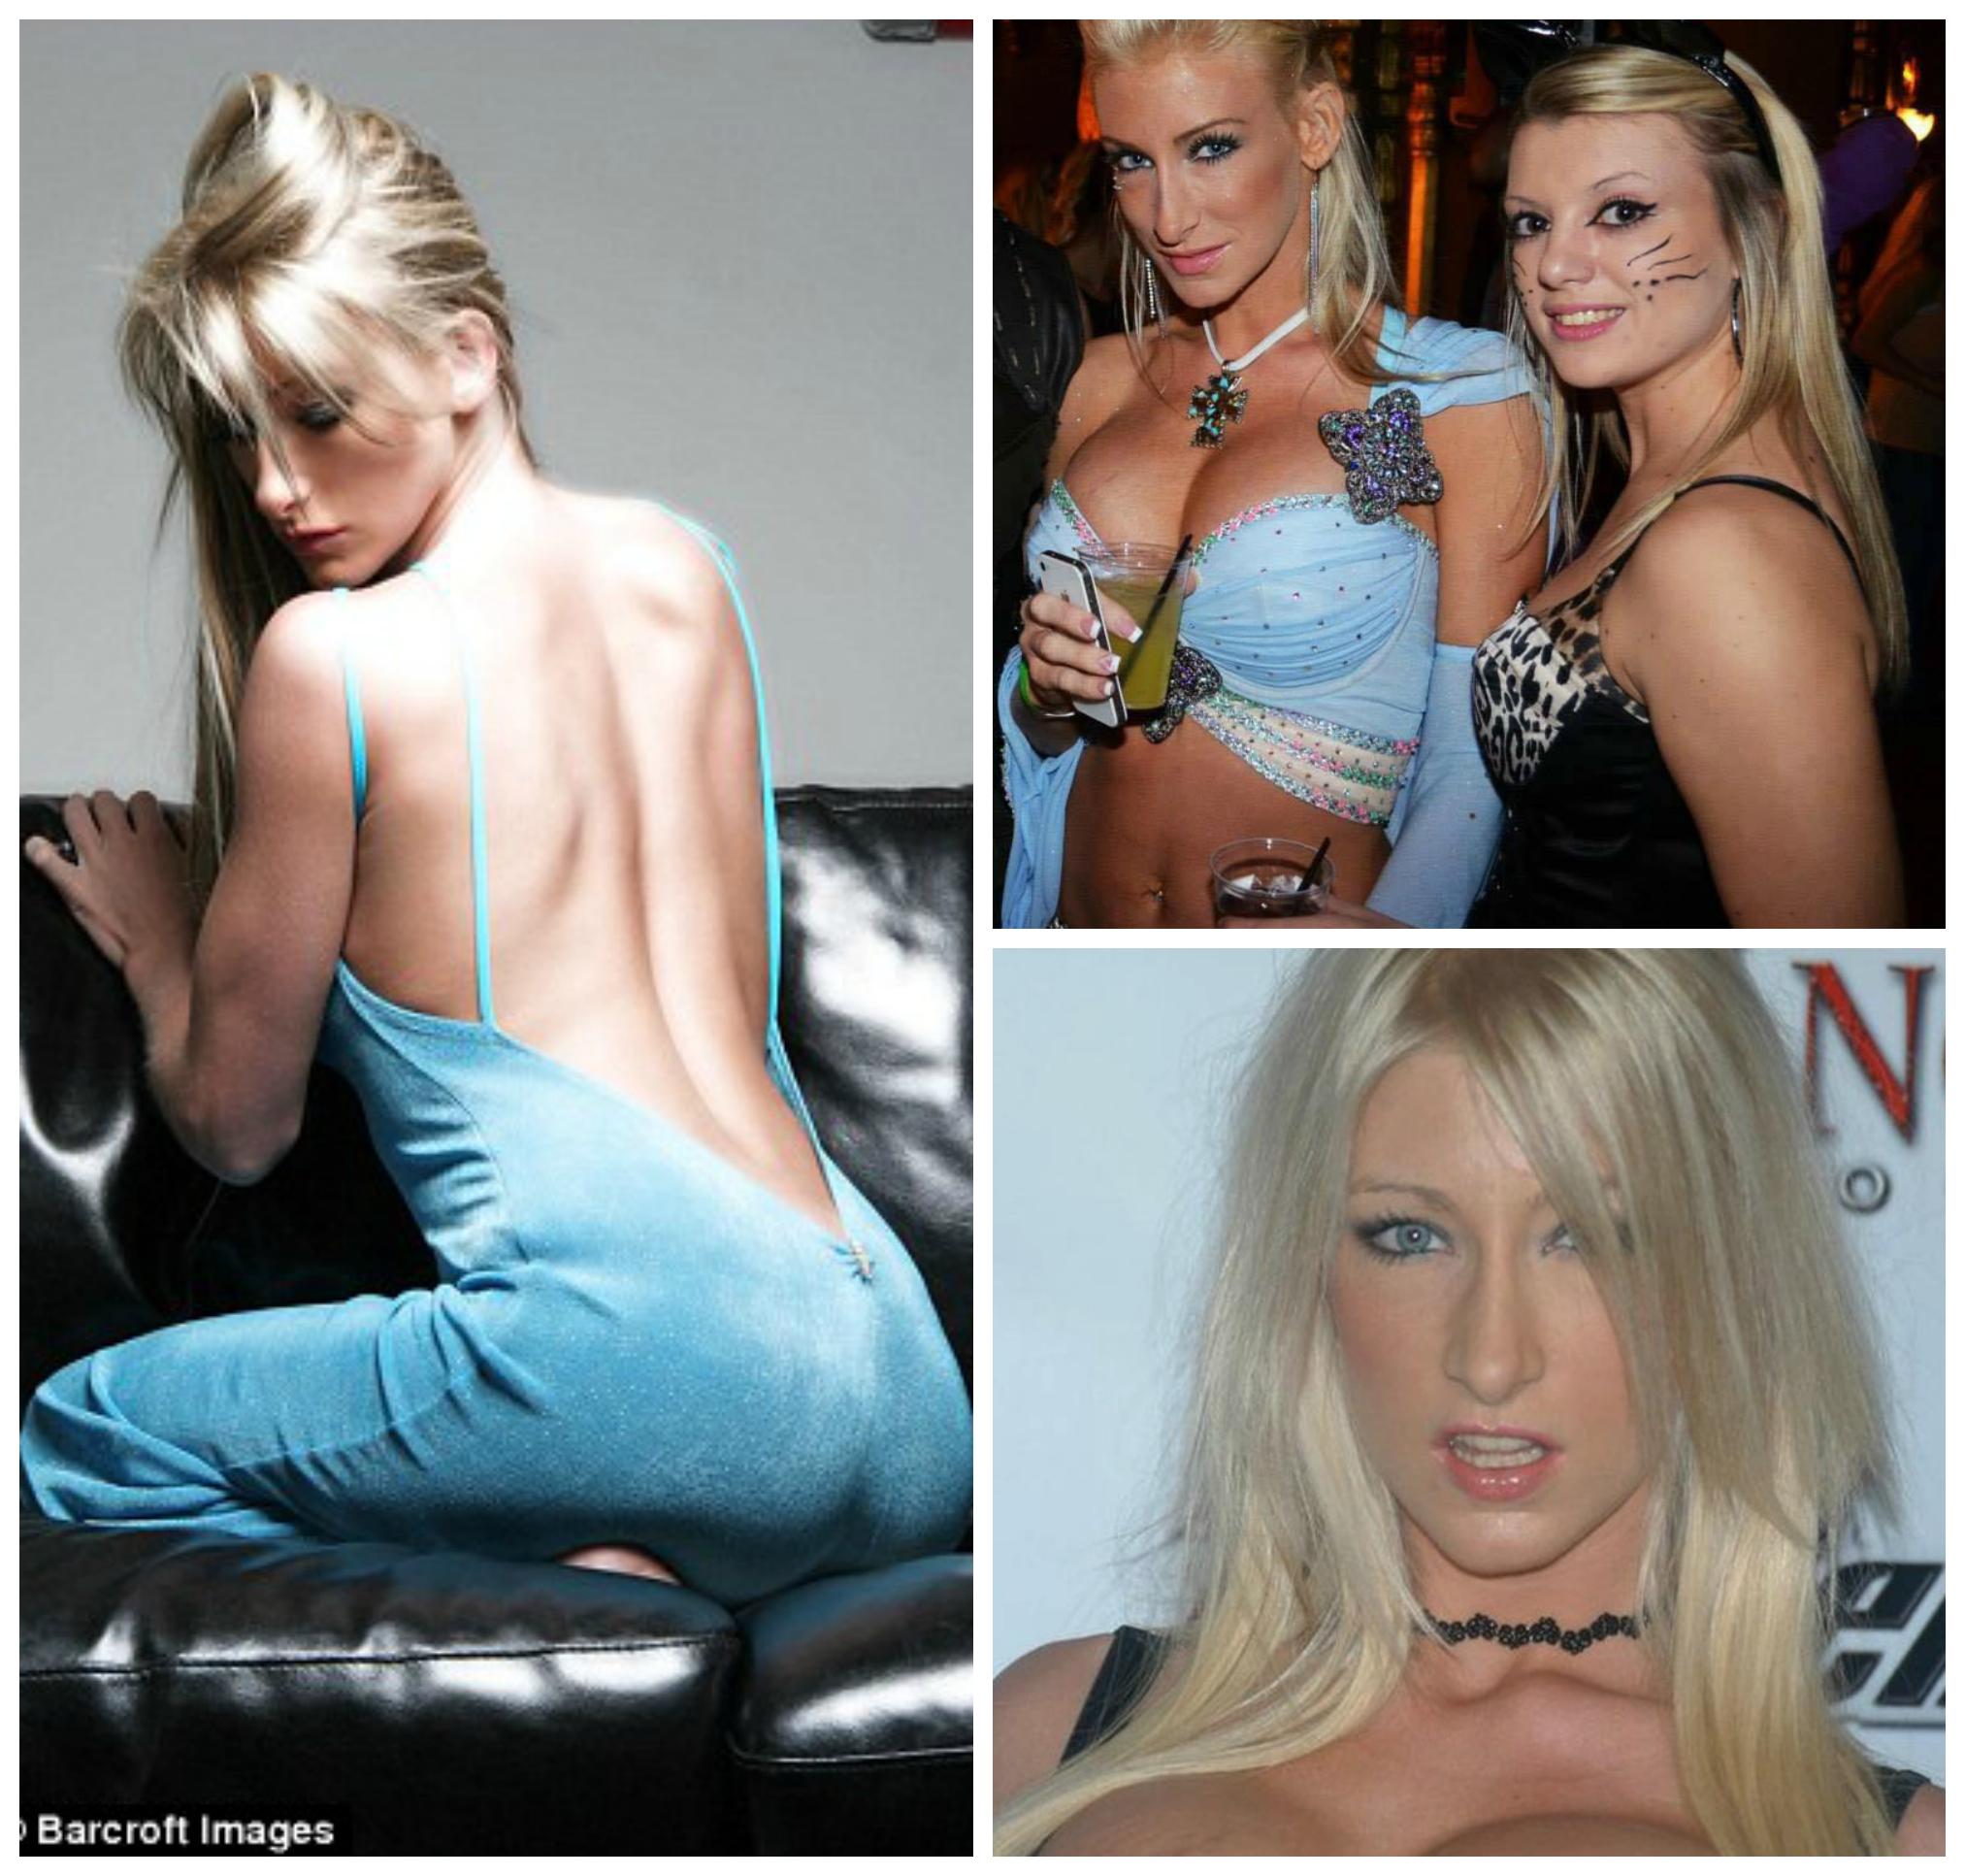 За плечами Кристал Бассет более 10 лет карьеры в порноиндустрии, но она поражает кардинальными перем